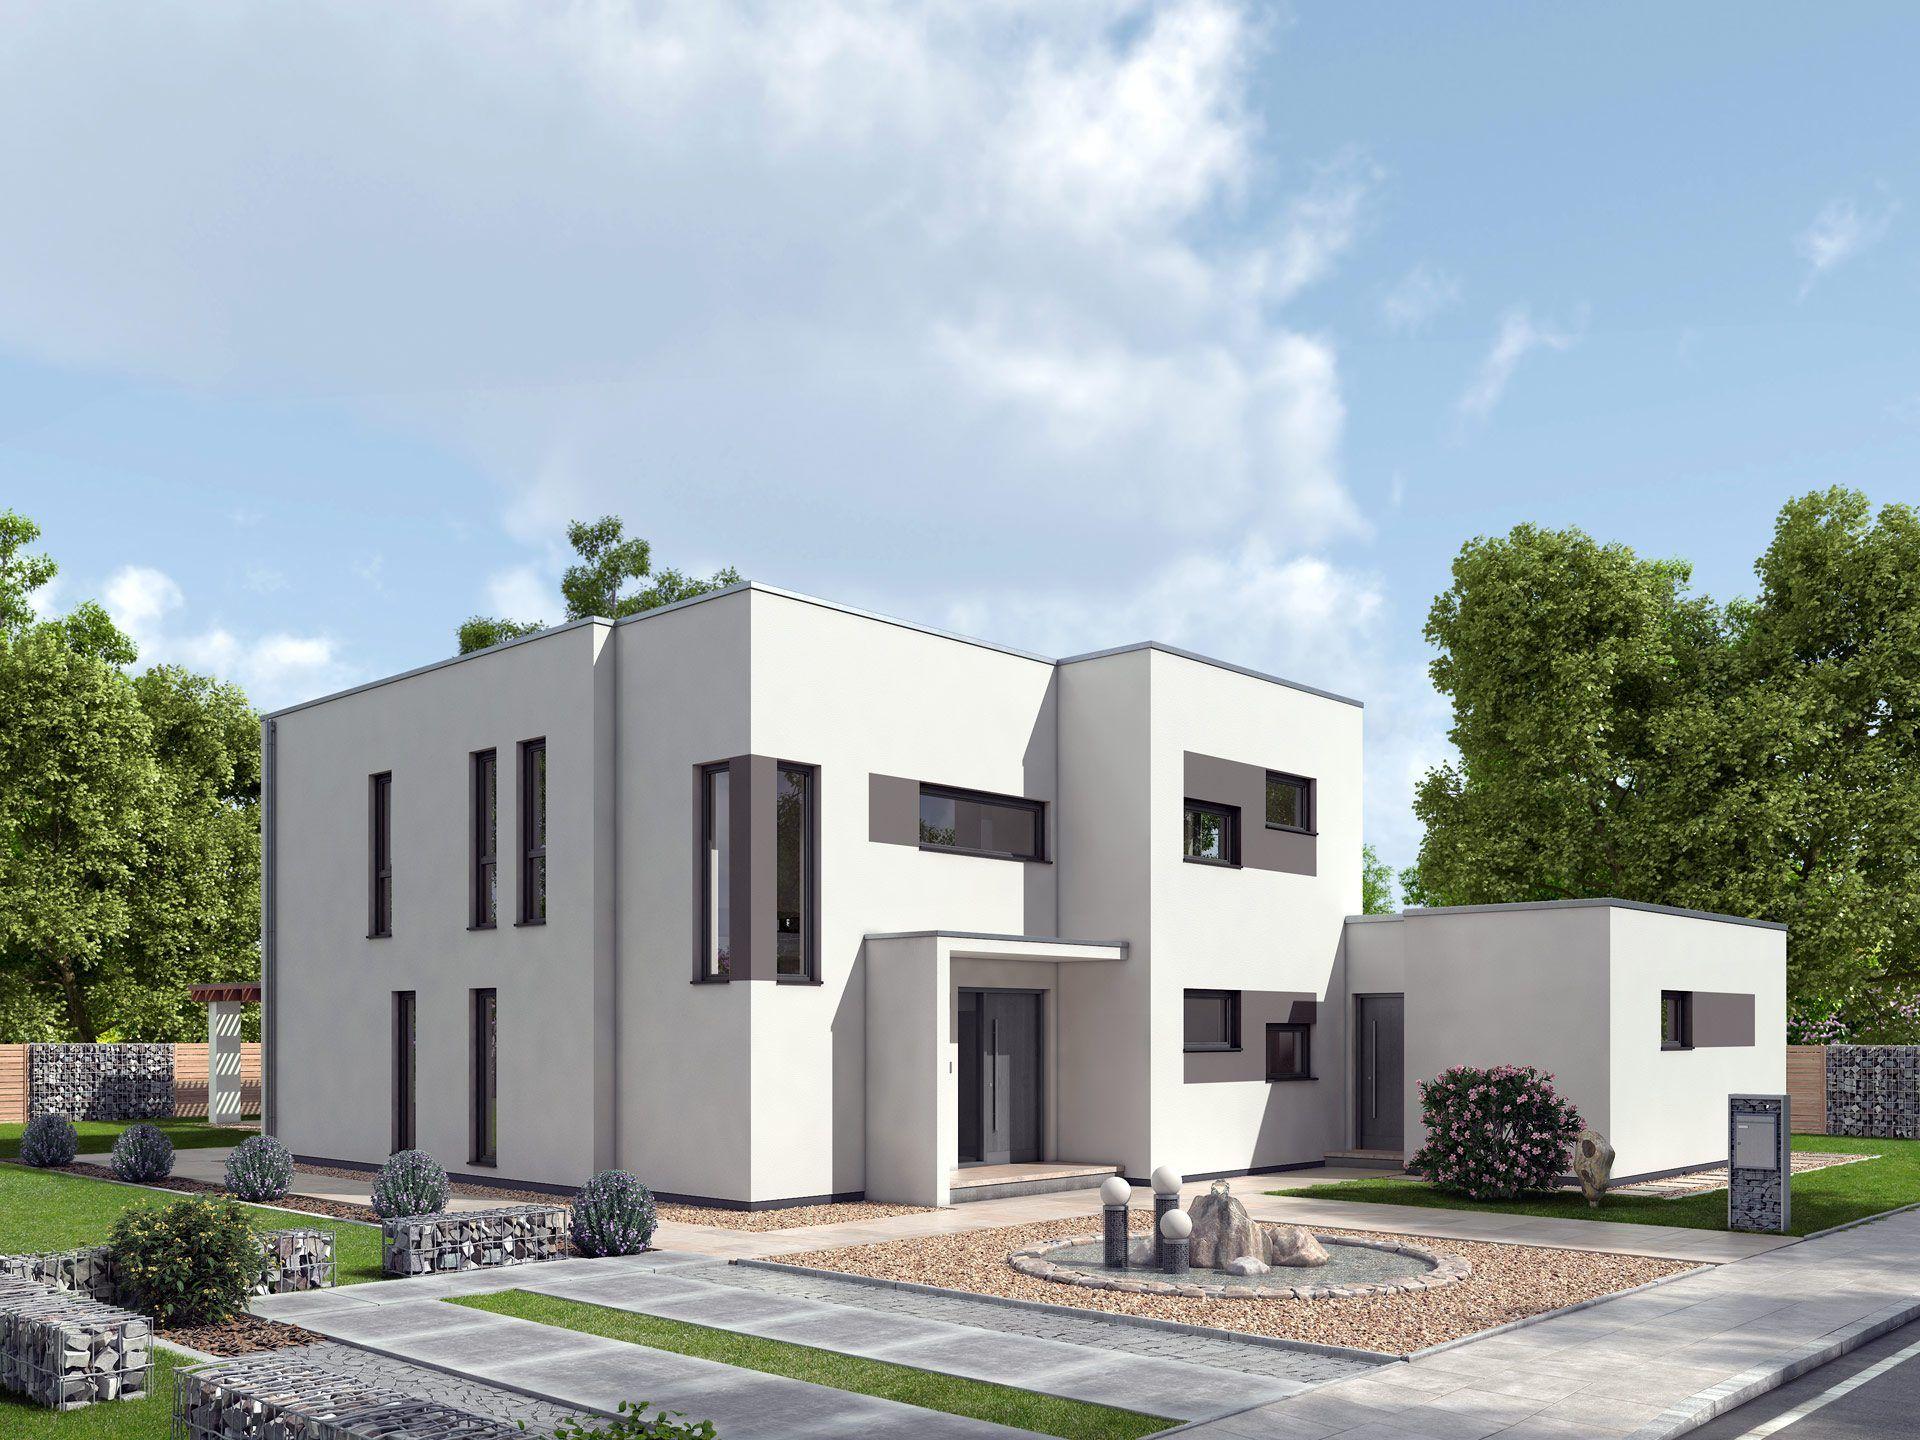 Innovationshaus 240 - Ytong Bausatzhaus • Jetzt bei Musterhaus.net ...